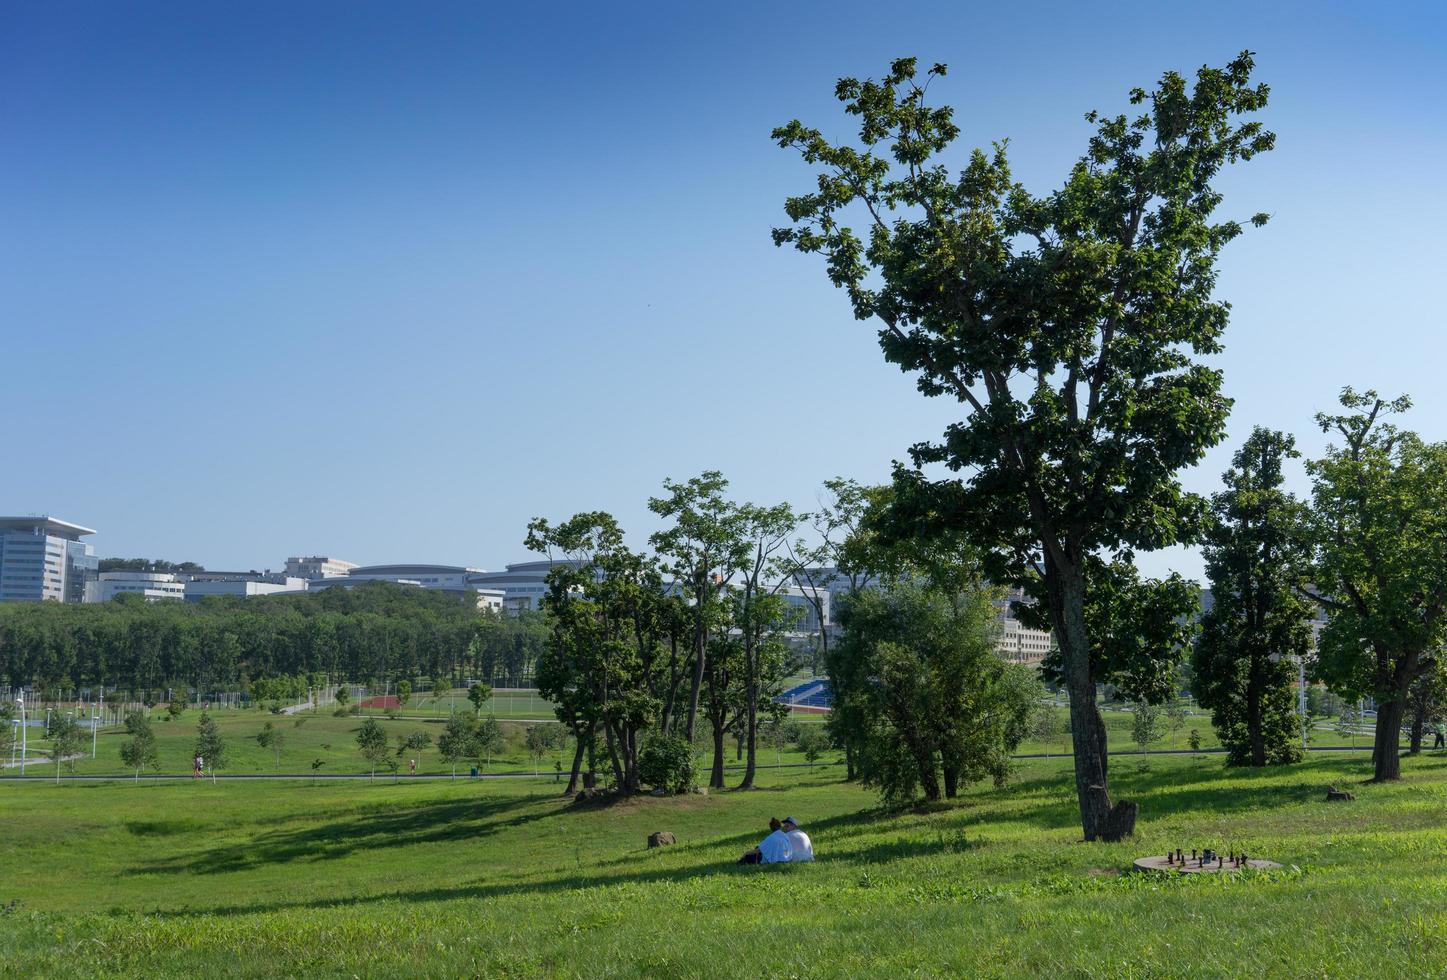 paisaje urbano con paisaje verde y árboles. foto